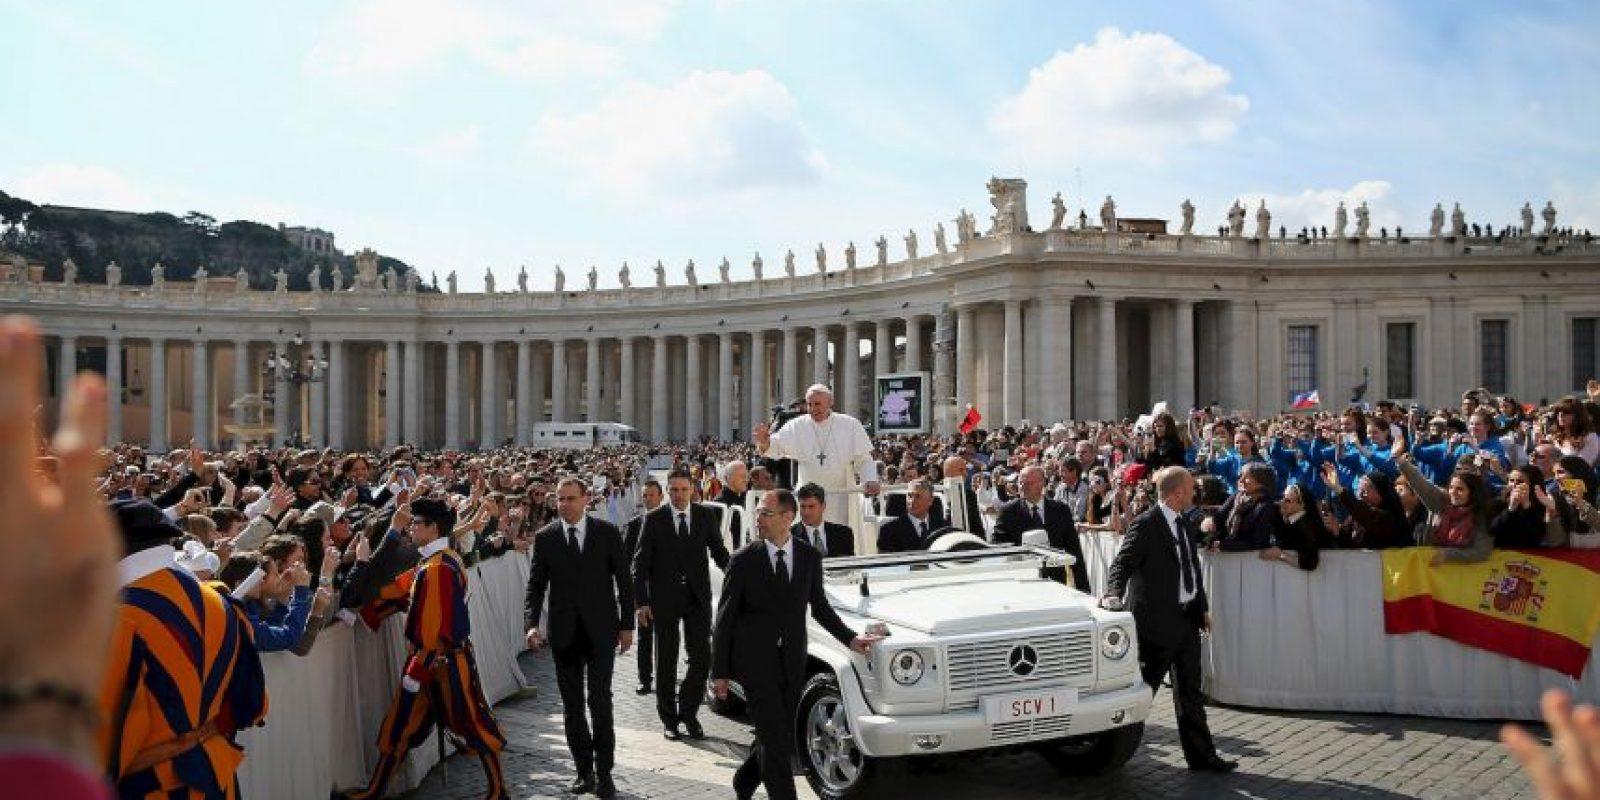 De acuerdo a lo publicado por la revista TIME en 2013, Francisco utiliza un coche usado para transportarse dentro del Vaticano Foto:Getty Images